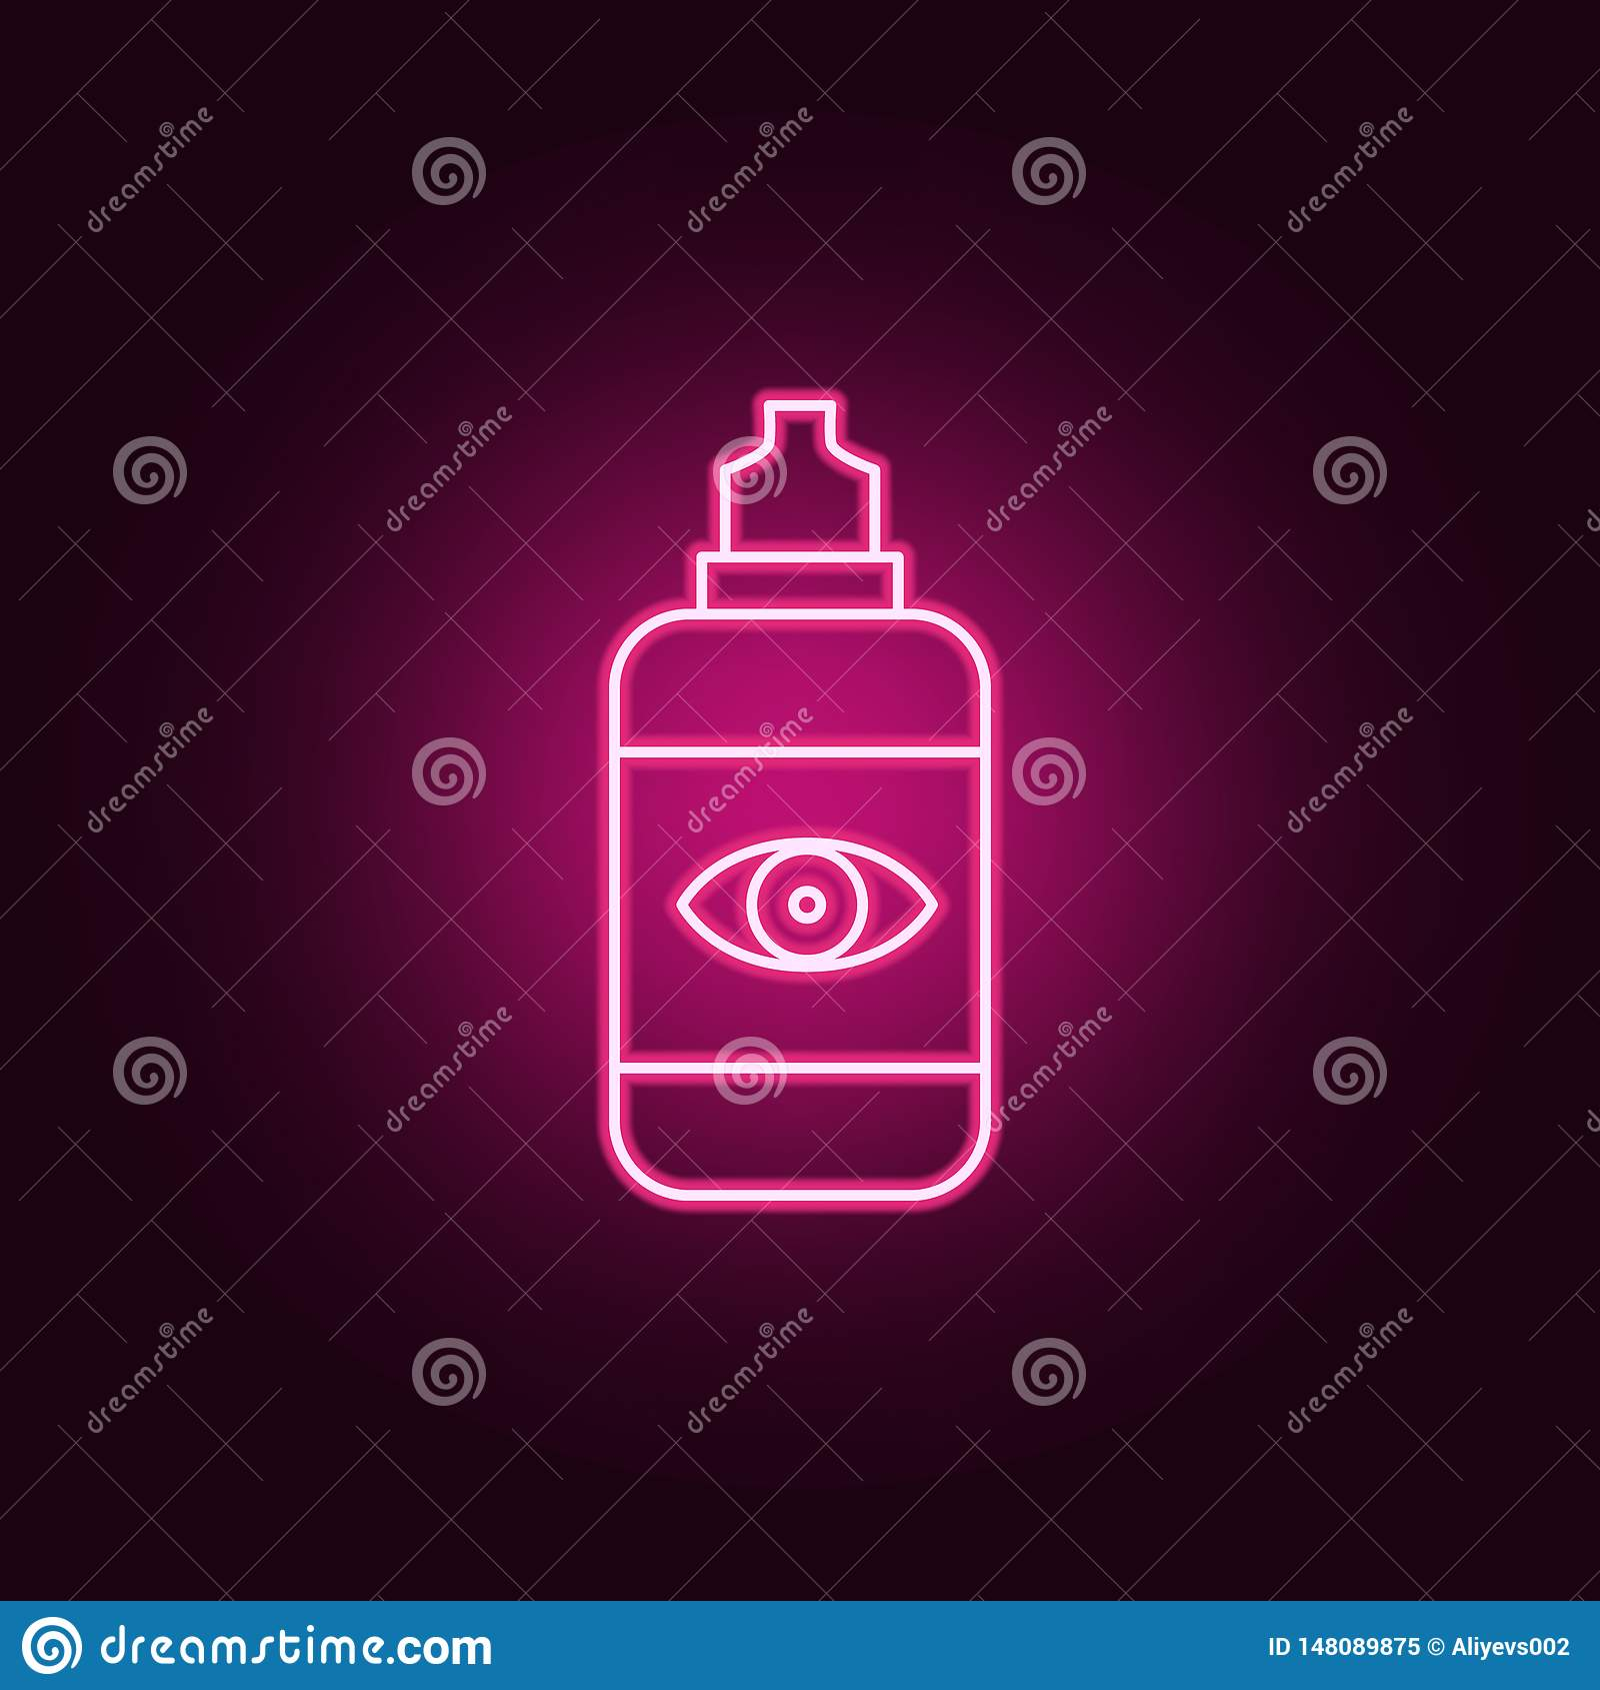 Flytande för att göra ren och att skölja, desinficera som lagrar symbolen för neon för kontaktlinser Best?ndsdelar av Medecineupp